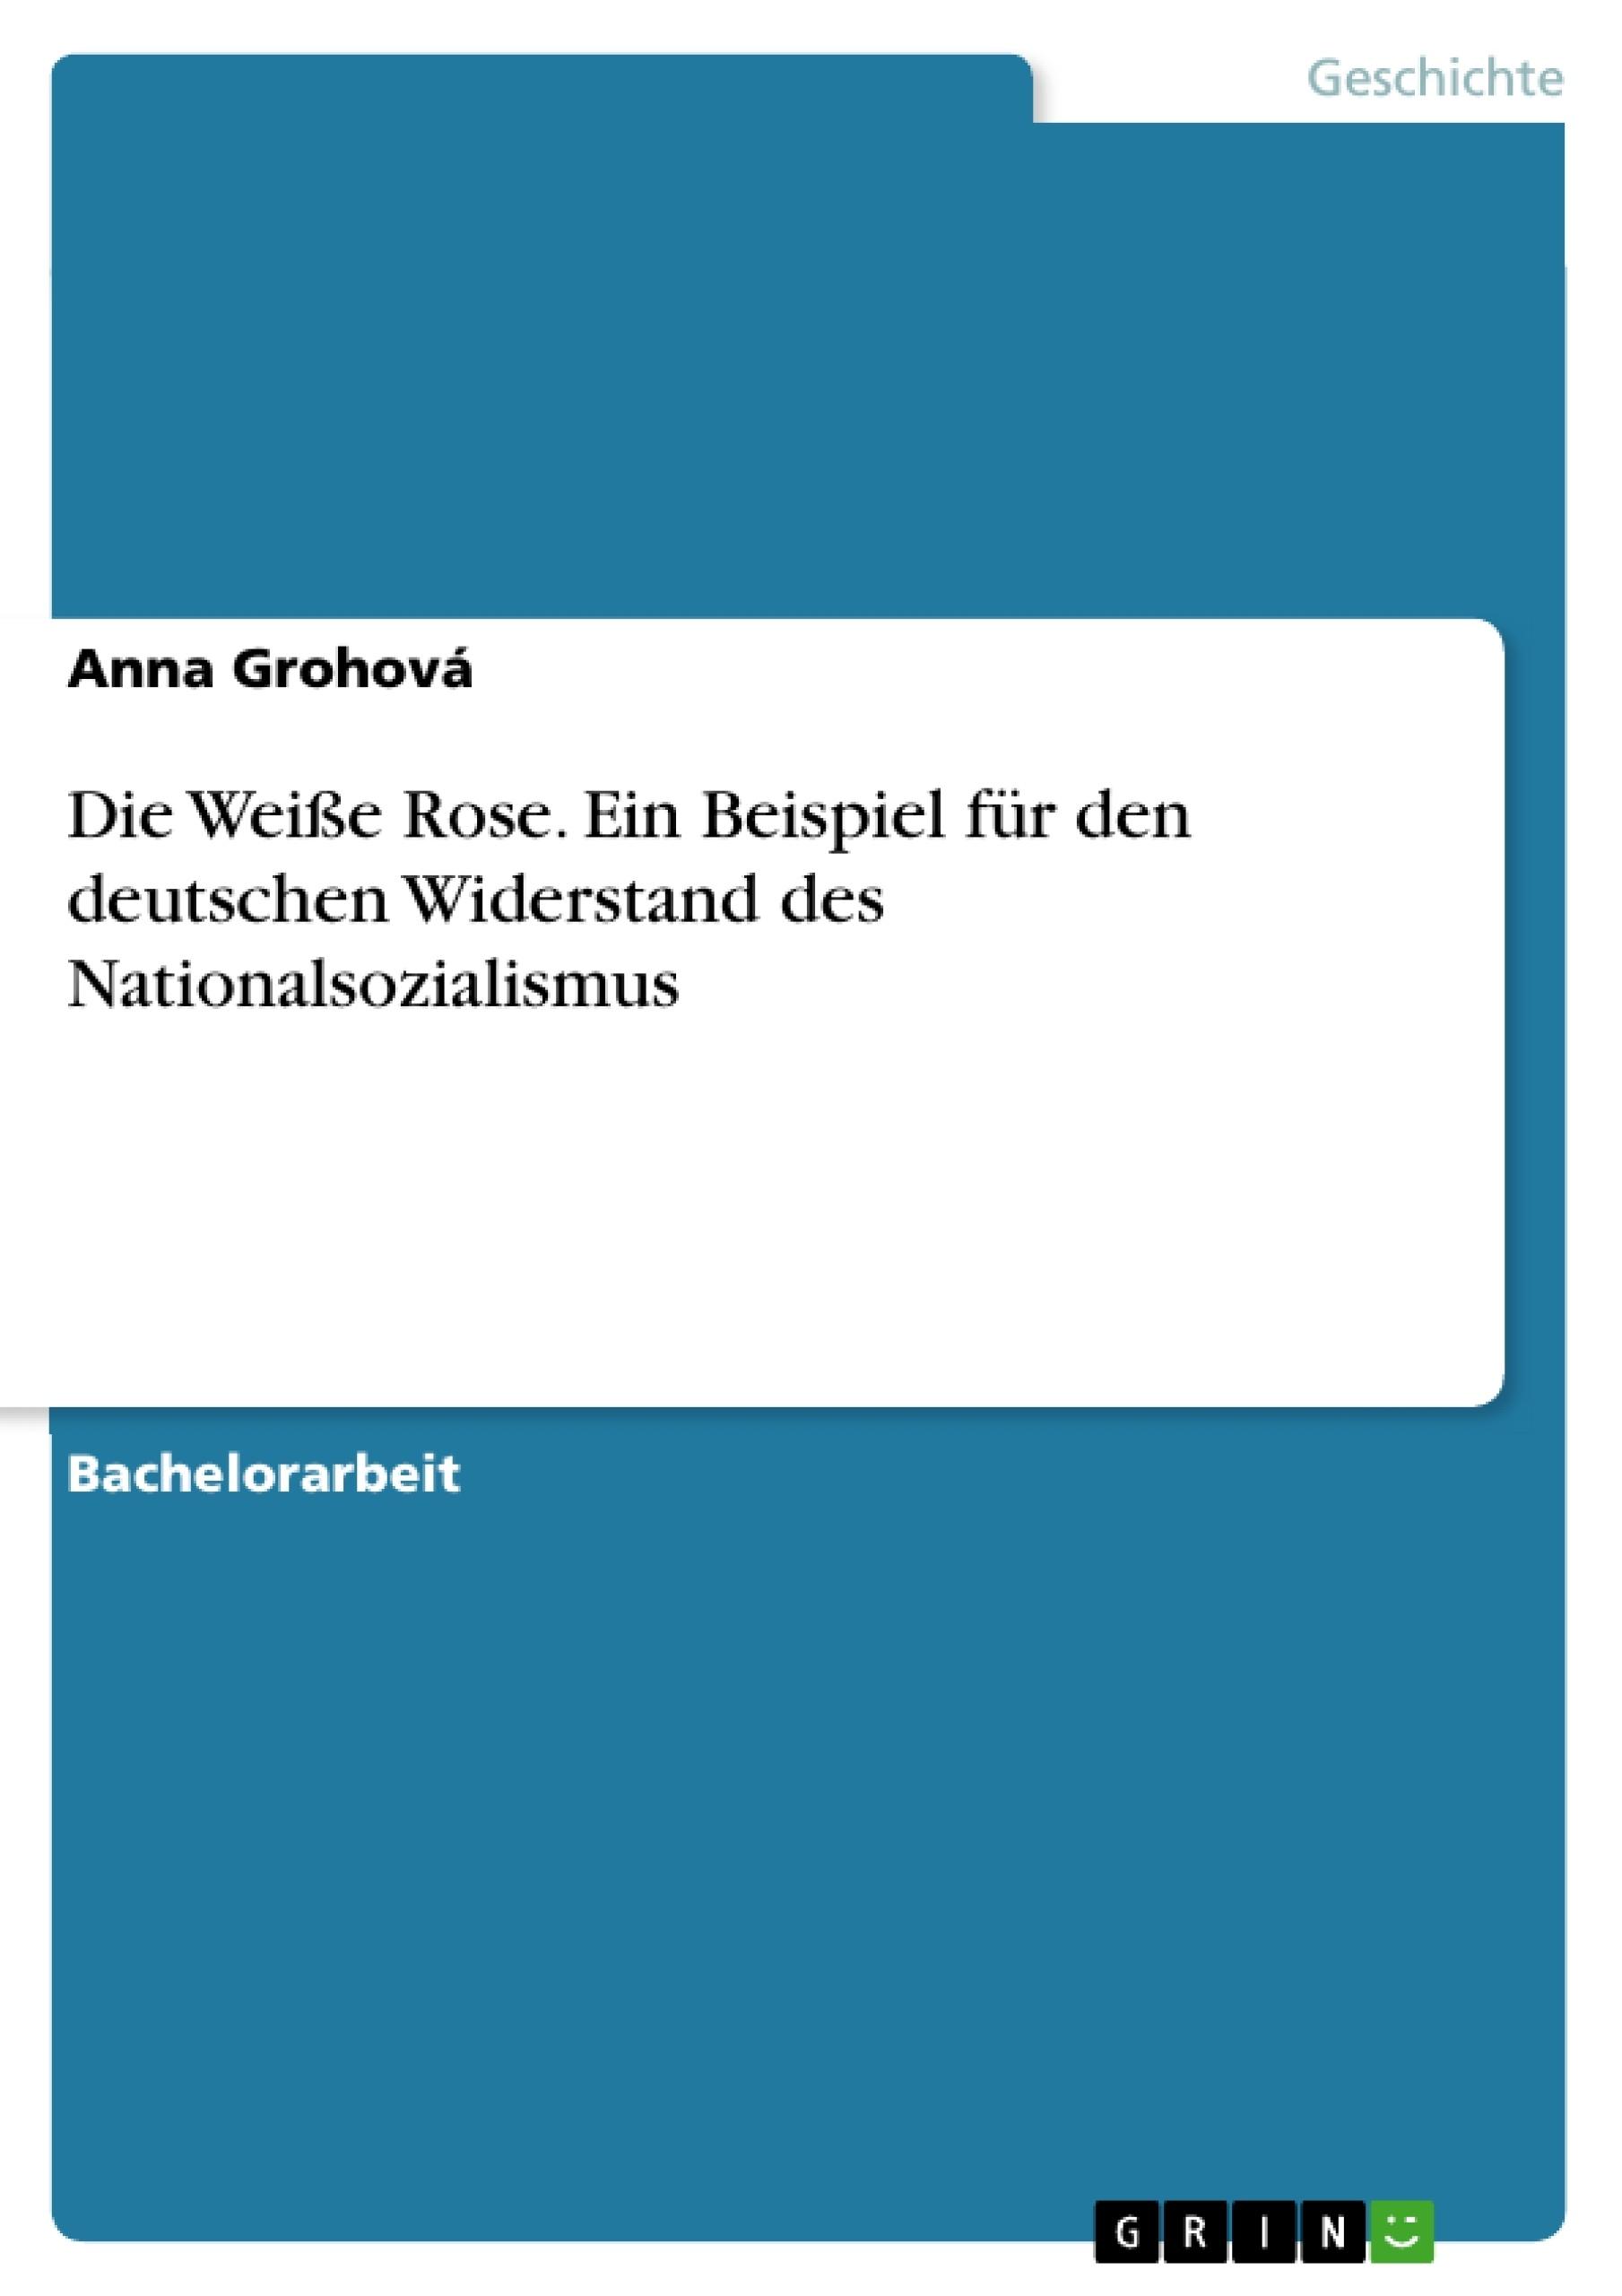 Titel: Die Weiße Rose. Ein Beispiel für den deutschen Widerstand des Nationalsozialismus